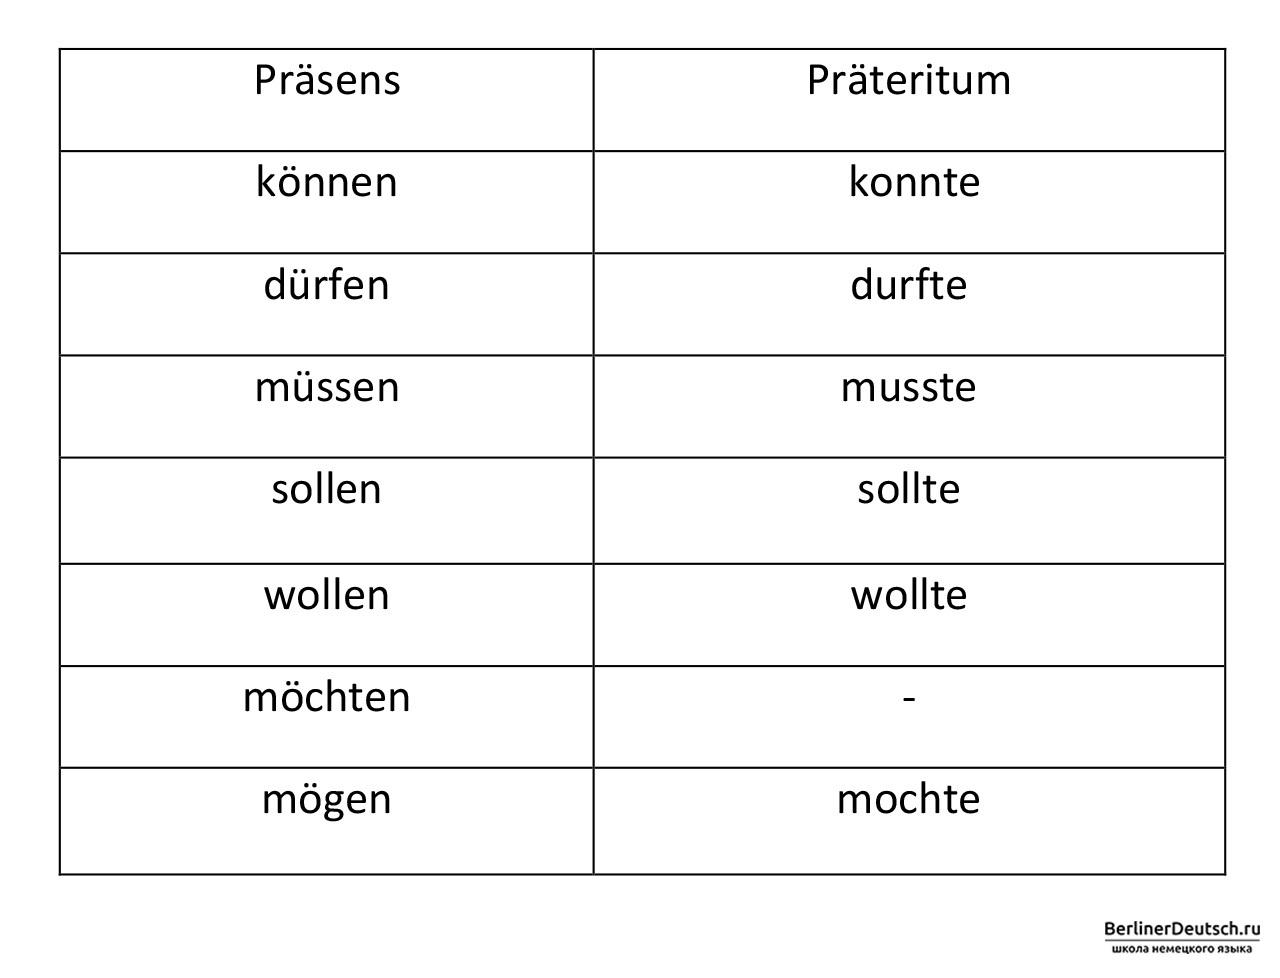 Форма Präteritum у модальных глаголов (Modalverben) в немецком языке